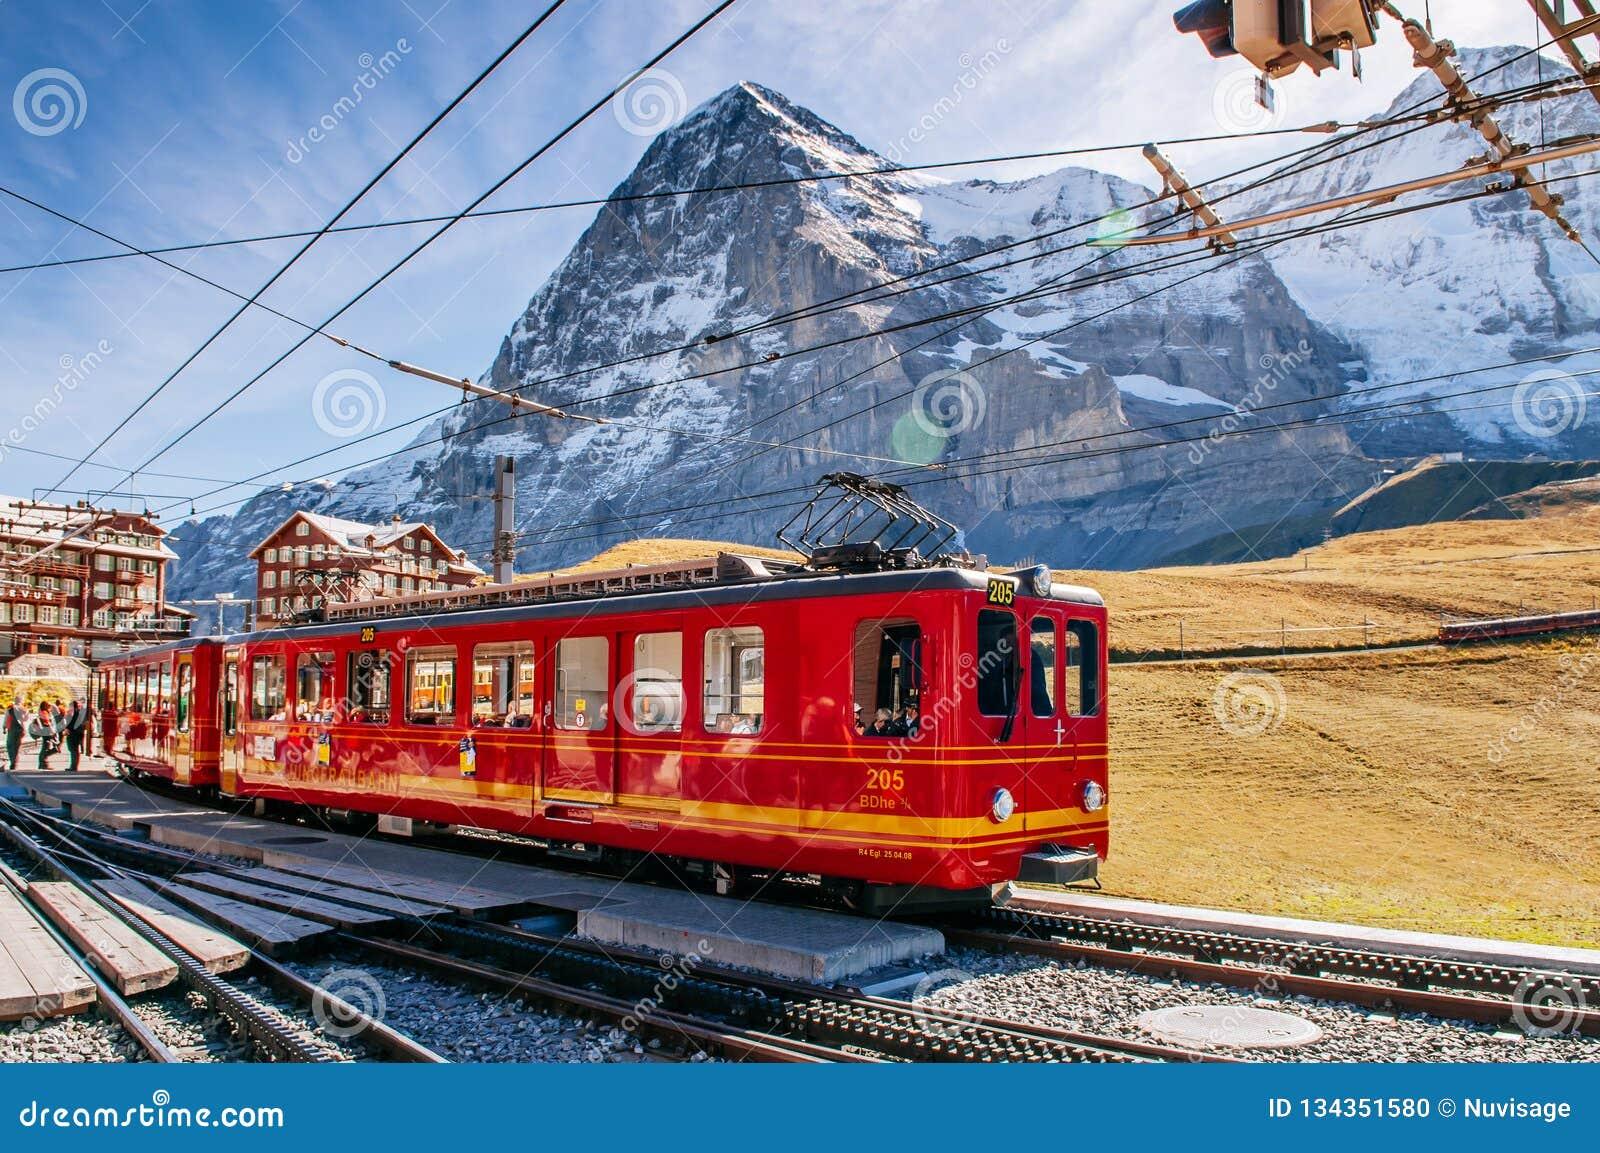 Tren ferroviario de Jungfrau en la estación de Kleine Scheidegg con el pico de Eiger y de Monch